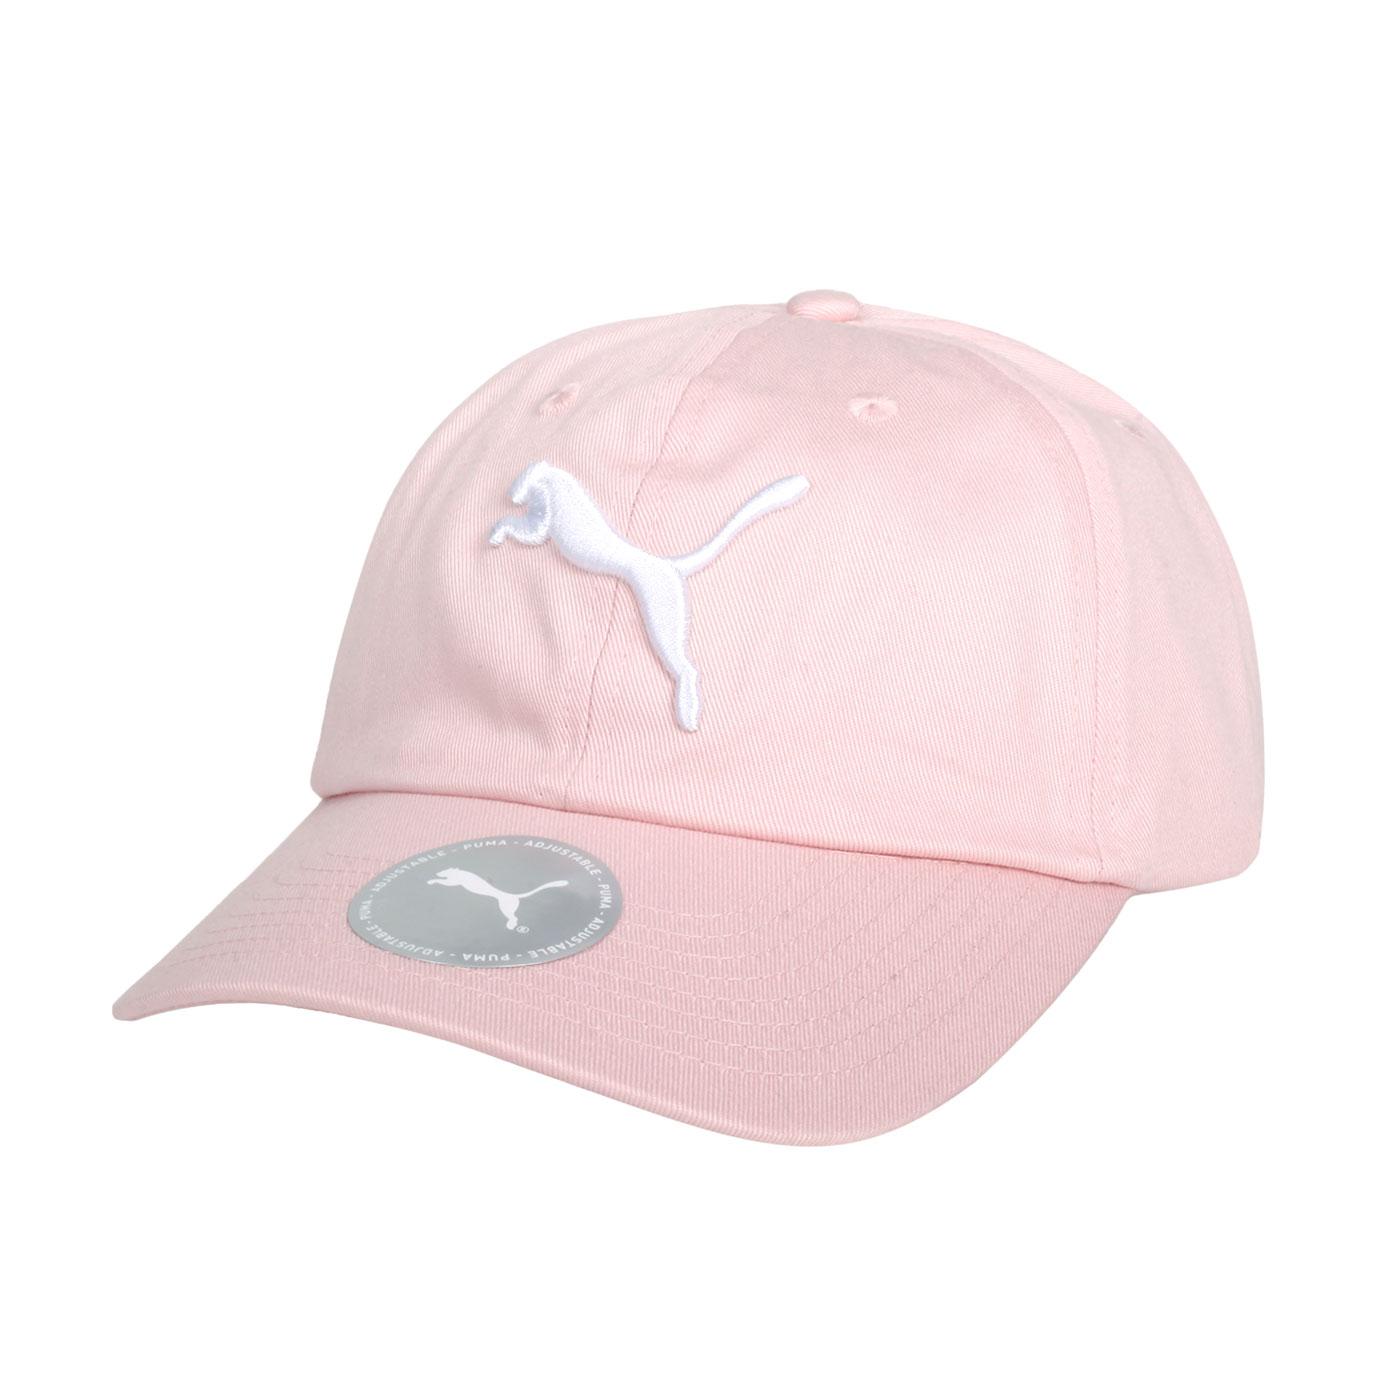 PUMA 基本系列棒球帽 02241665